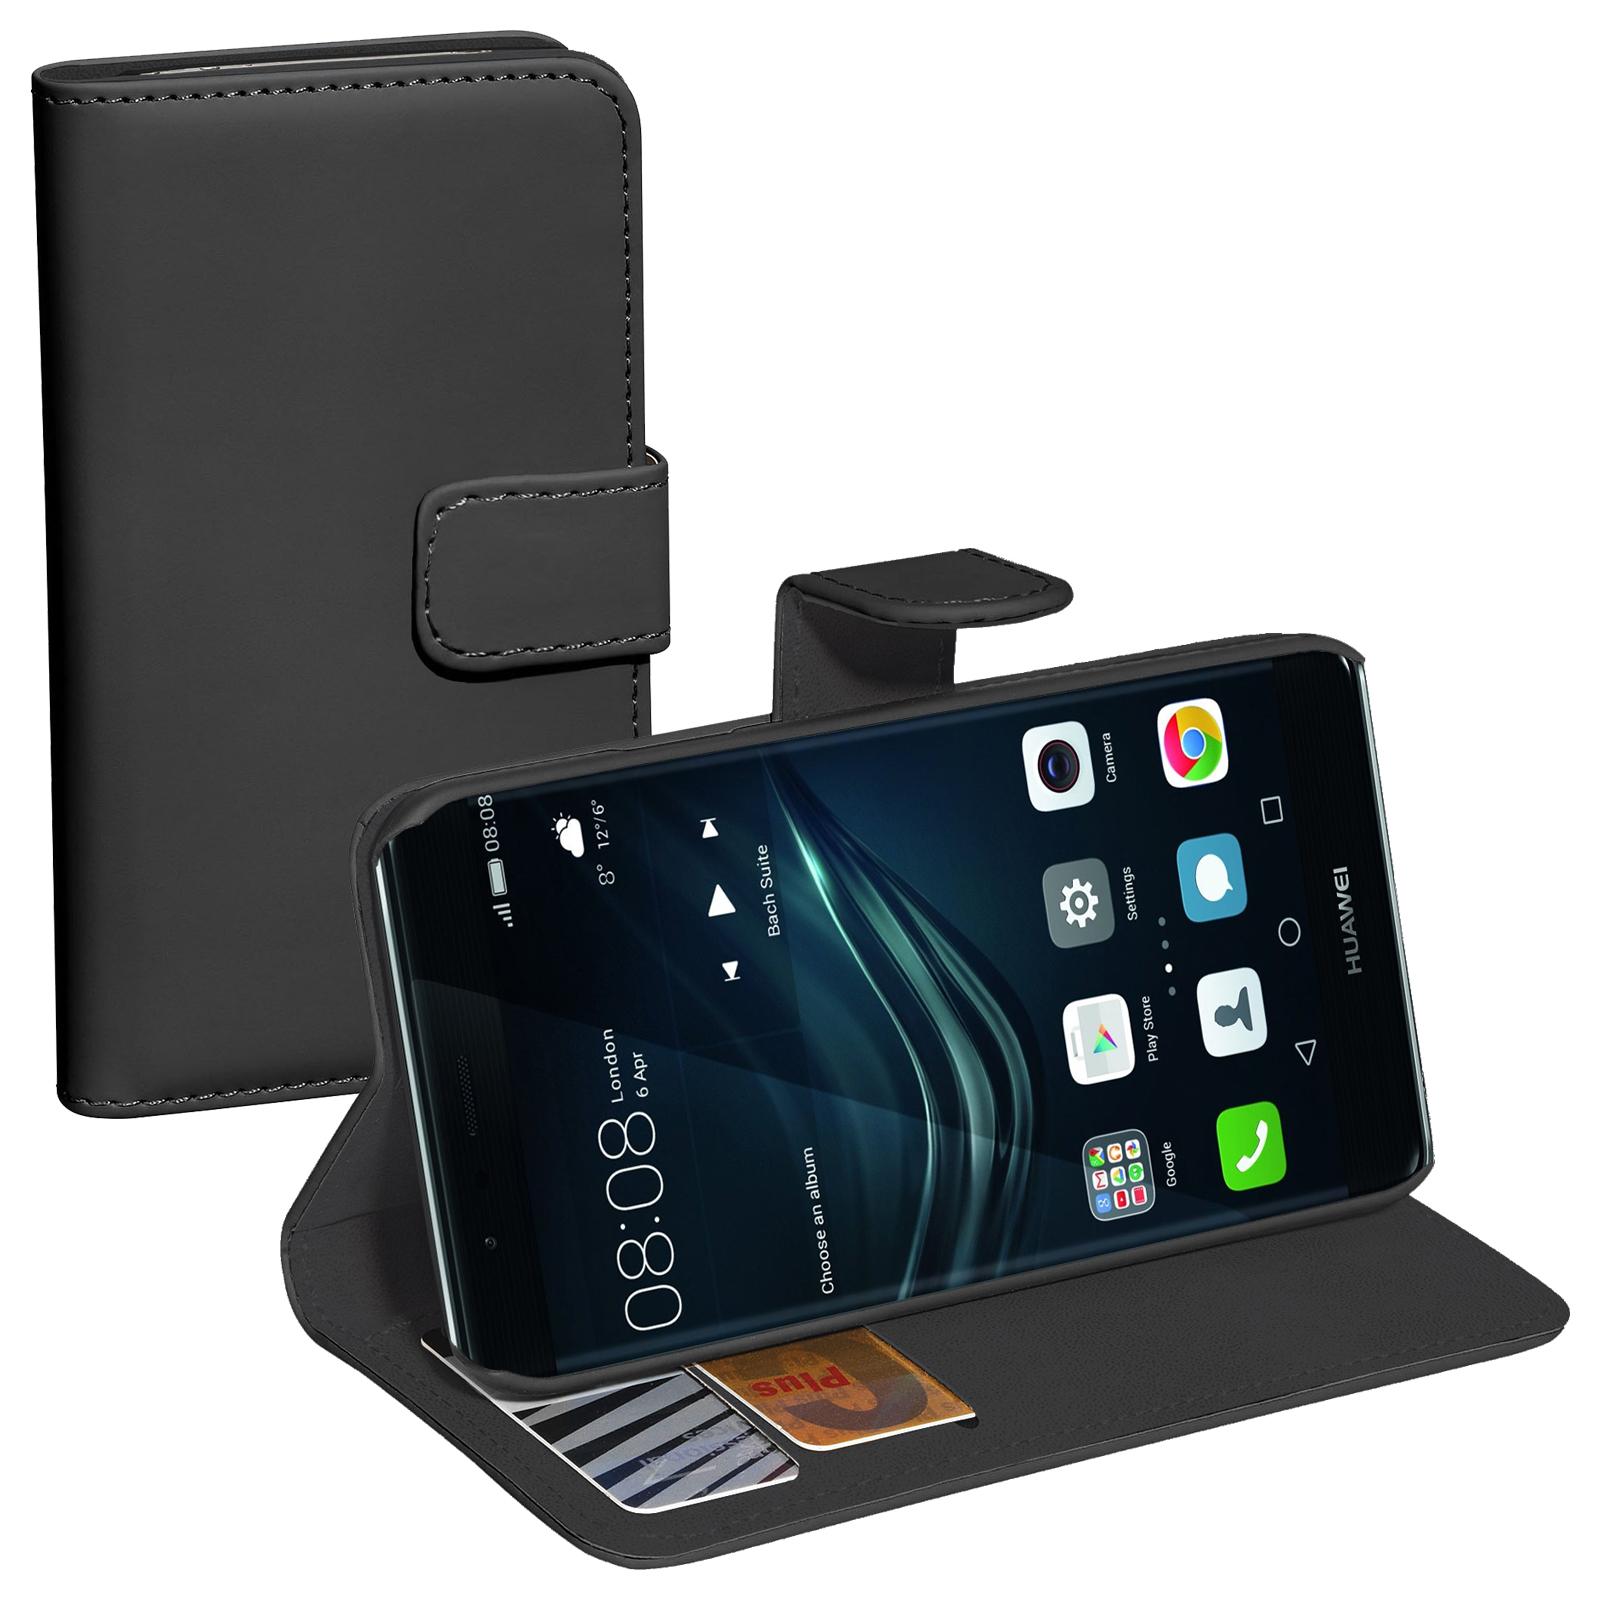 handy tasche book style f r smartphone case cover schutz h lle schale etui ebay. Black Bedroom Furniture Sets. Home Design Ideas